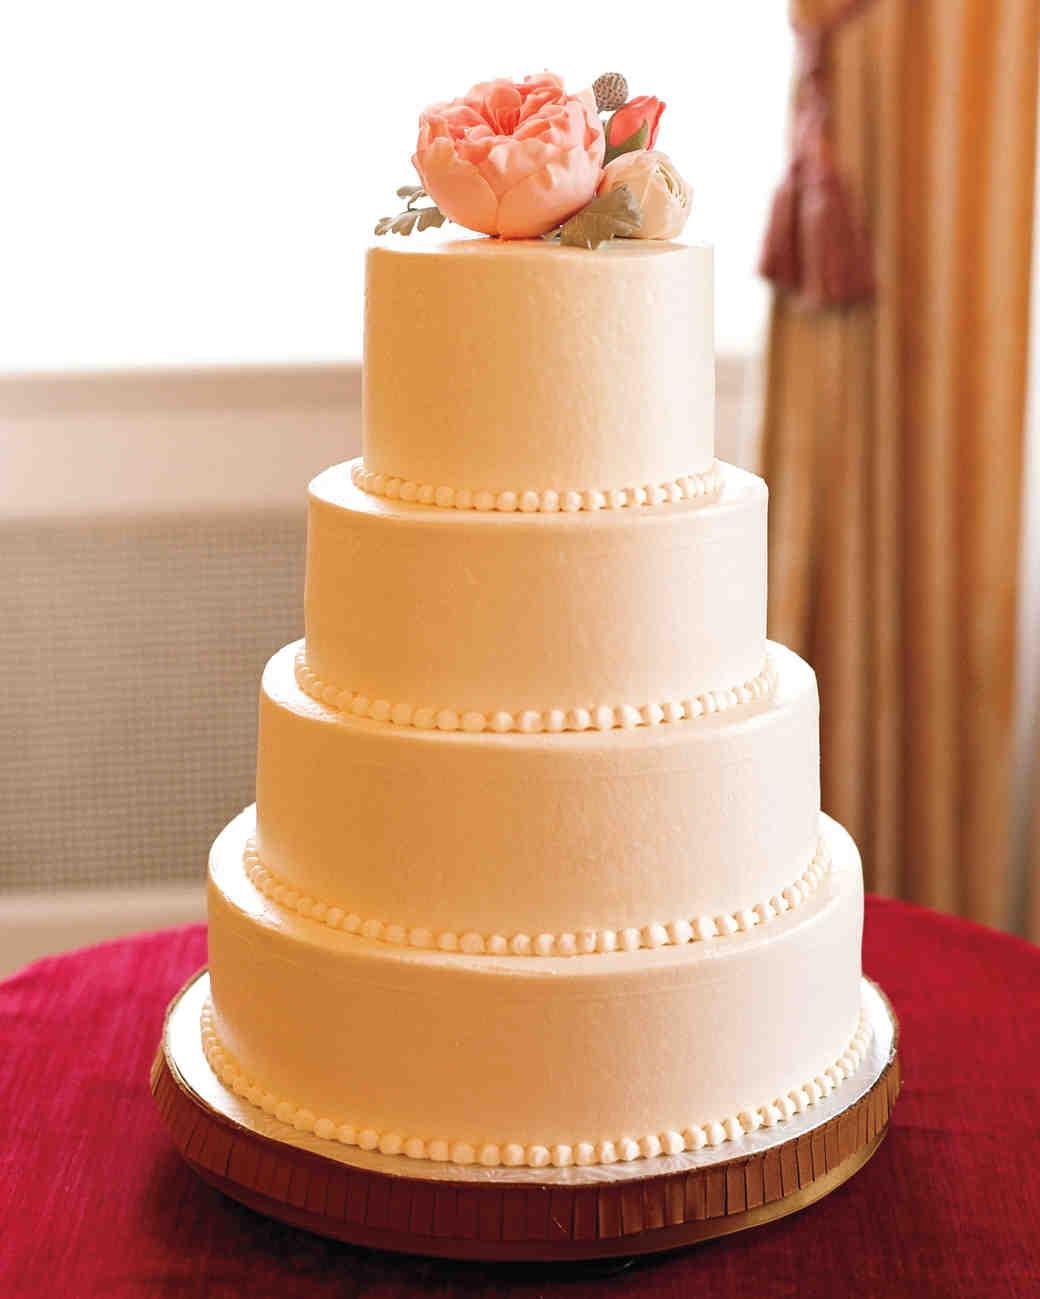 alix-bill-wedding-420-9089-06-2014-32-d111617.jpg